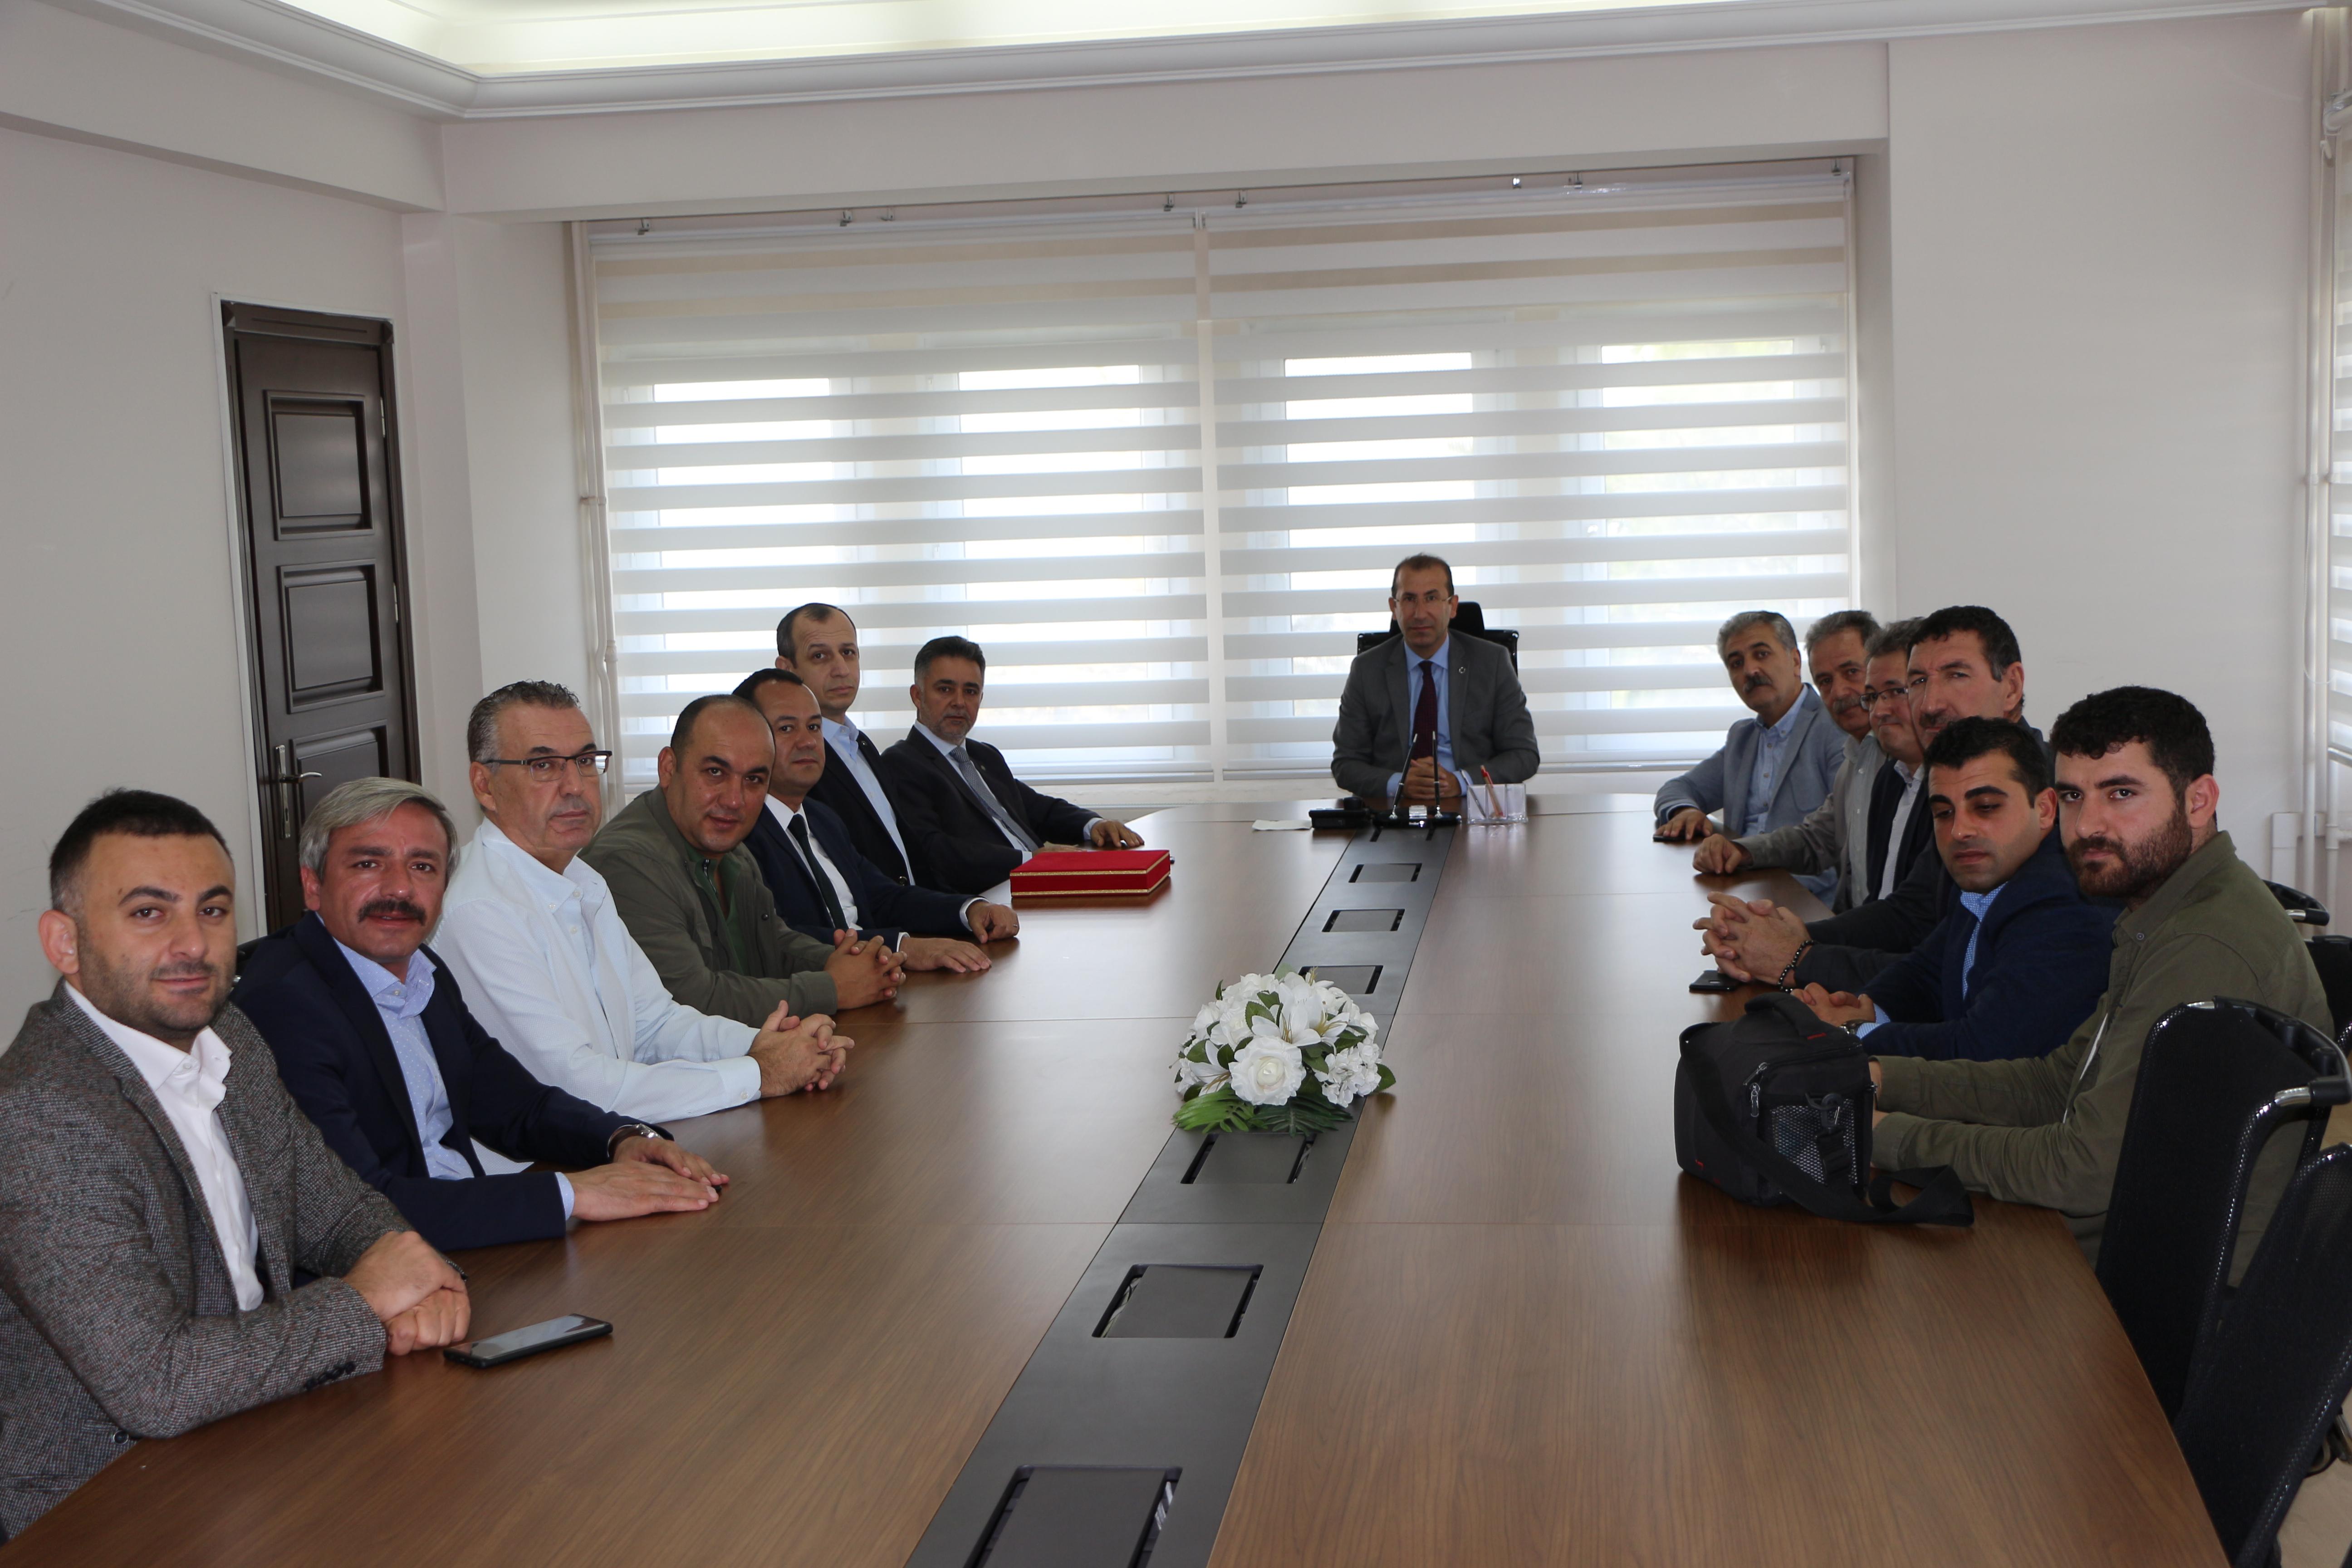 Müteahhitler Birliği ve İzmir Ticaret Odasına bağlı sektör temsilcileri ile fikir alışverişi..